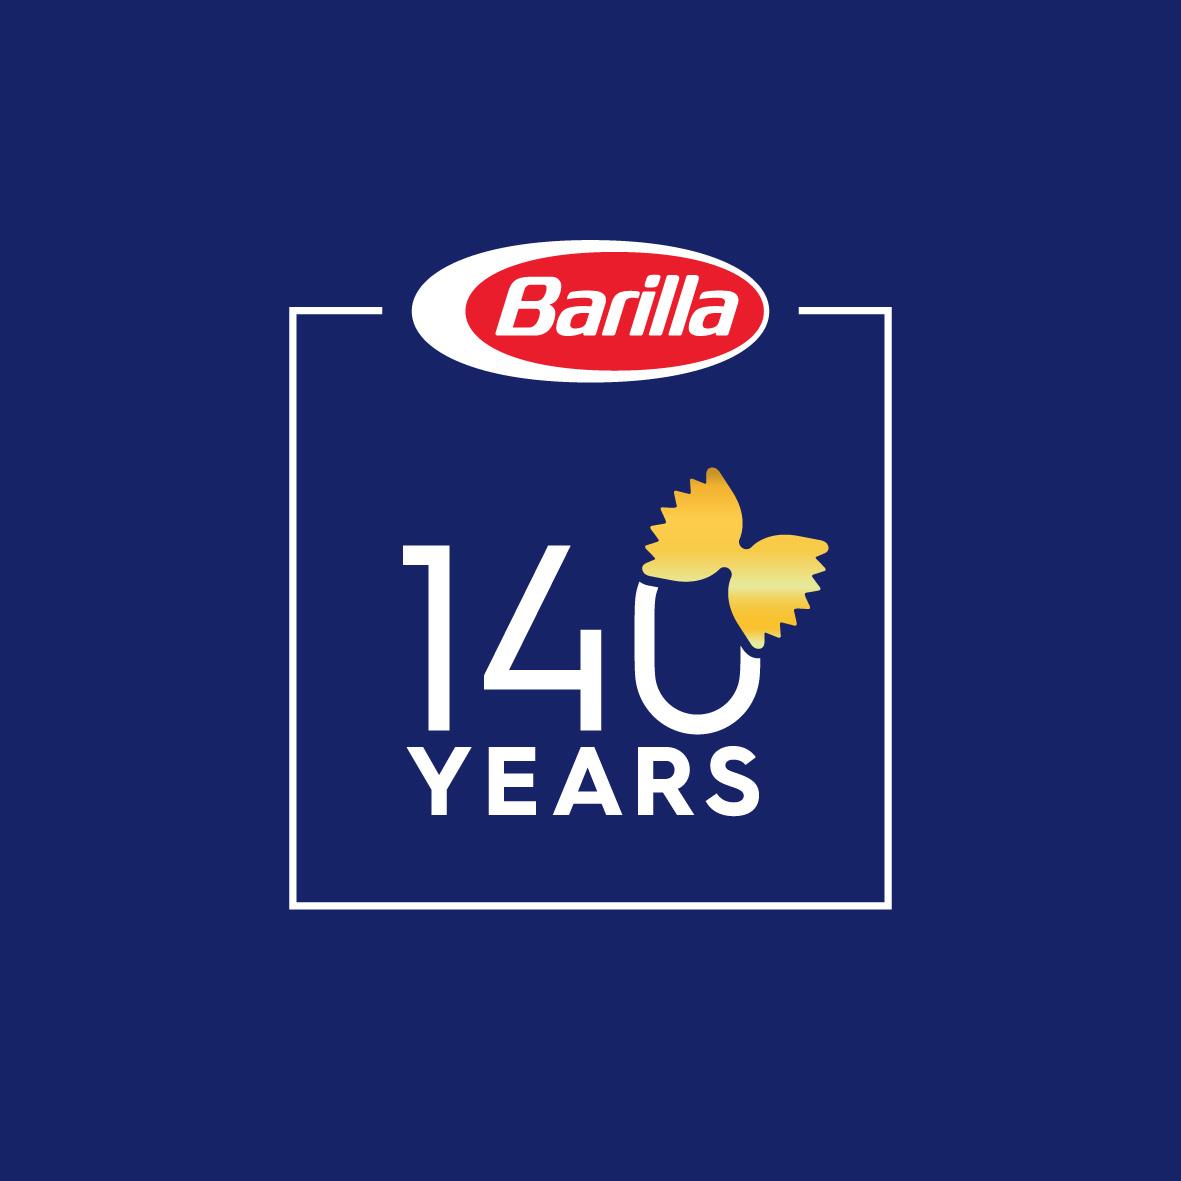 2017 - Il logo del 140° anniversario di Barilla